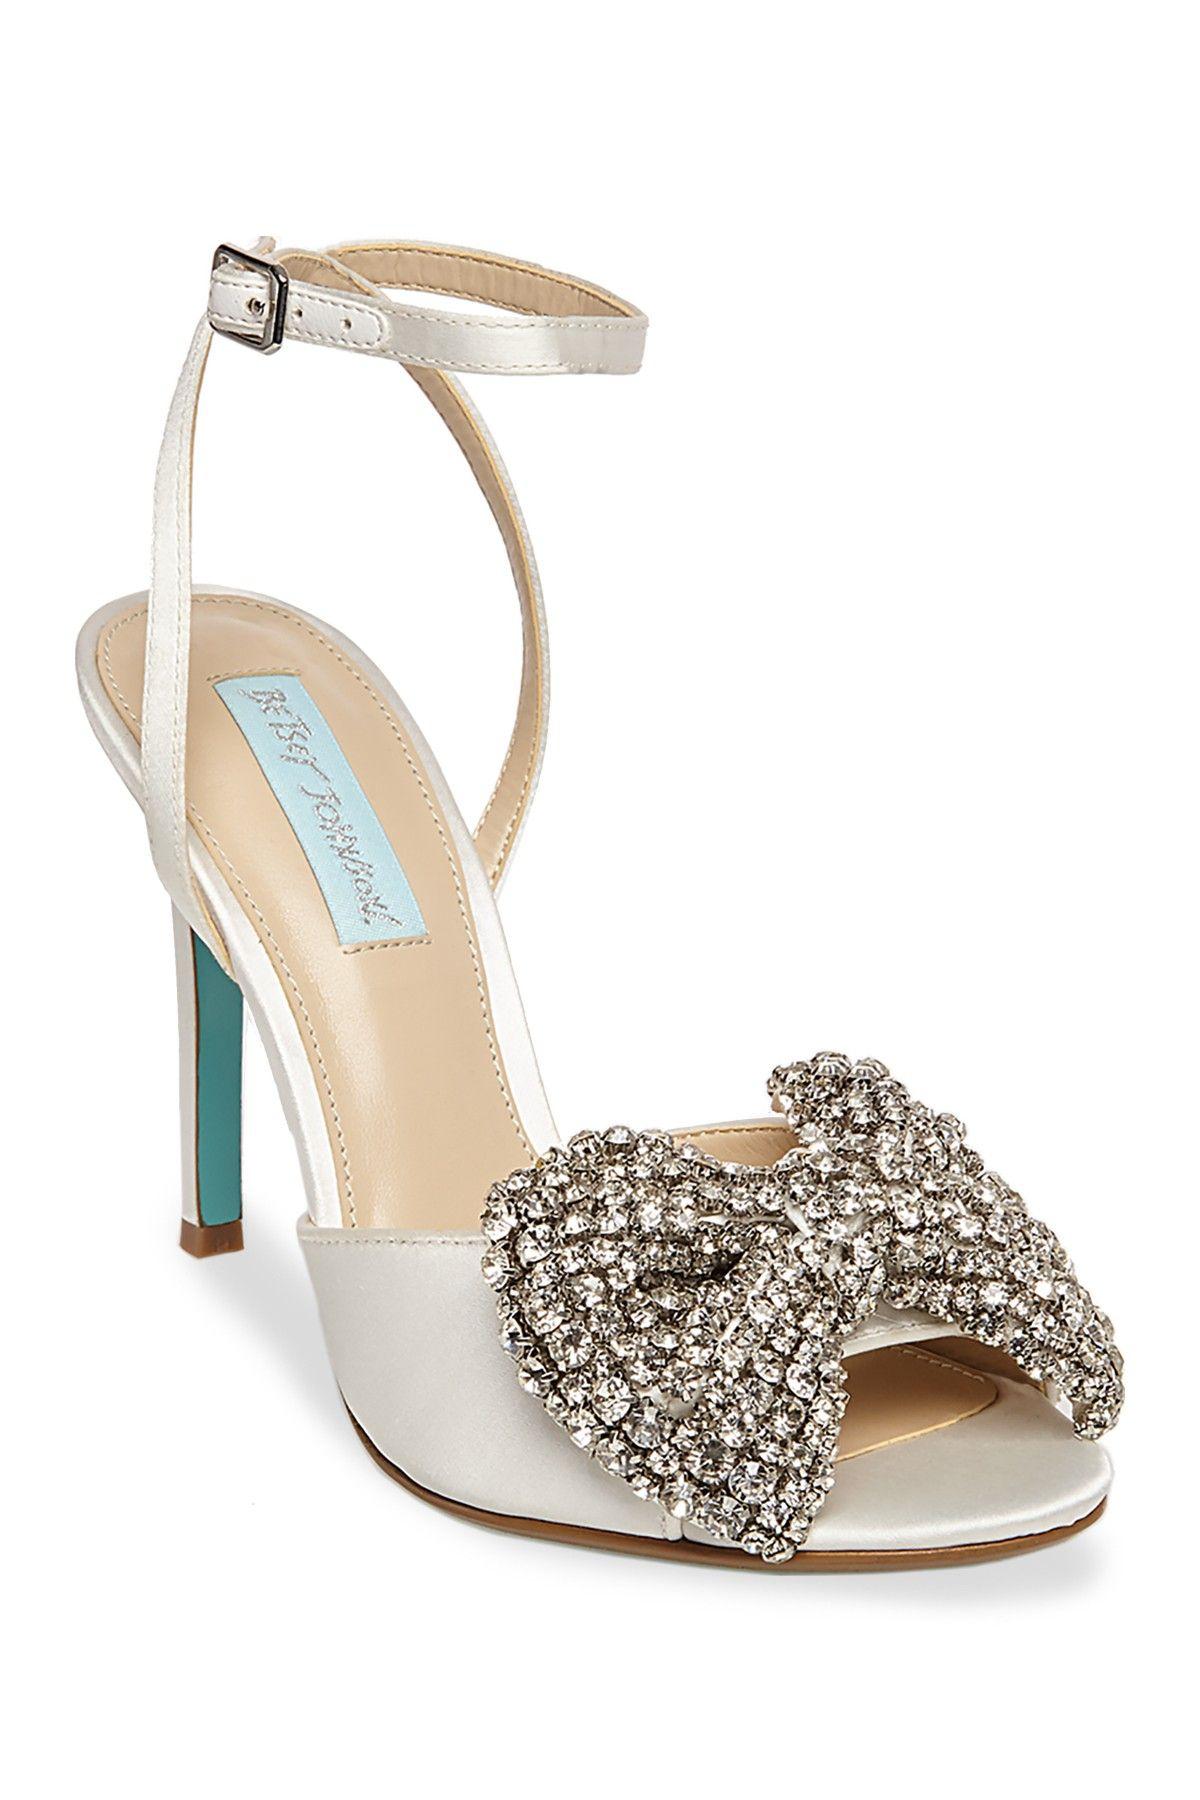 9e41622c5e3c Heidi Rhinestone Bow Dress Sandal Zapatos De La Salón